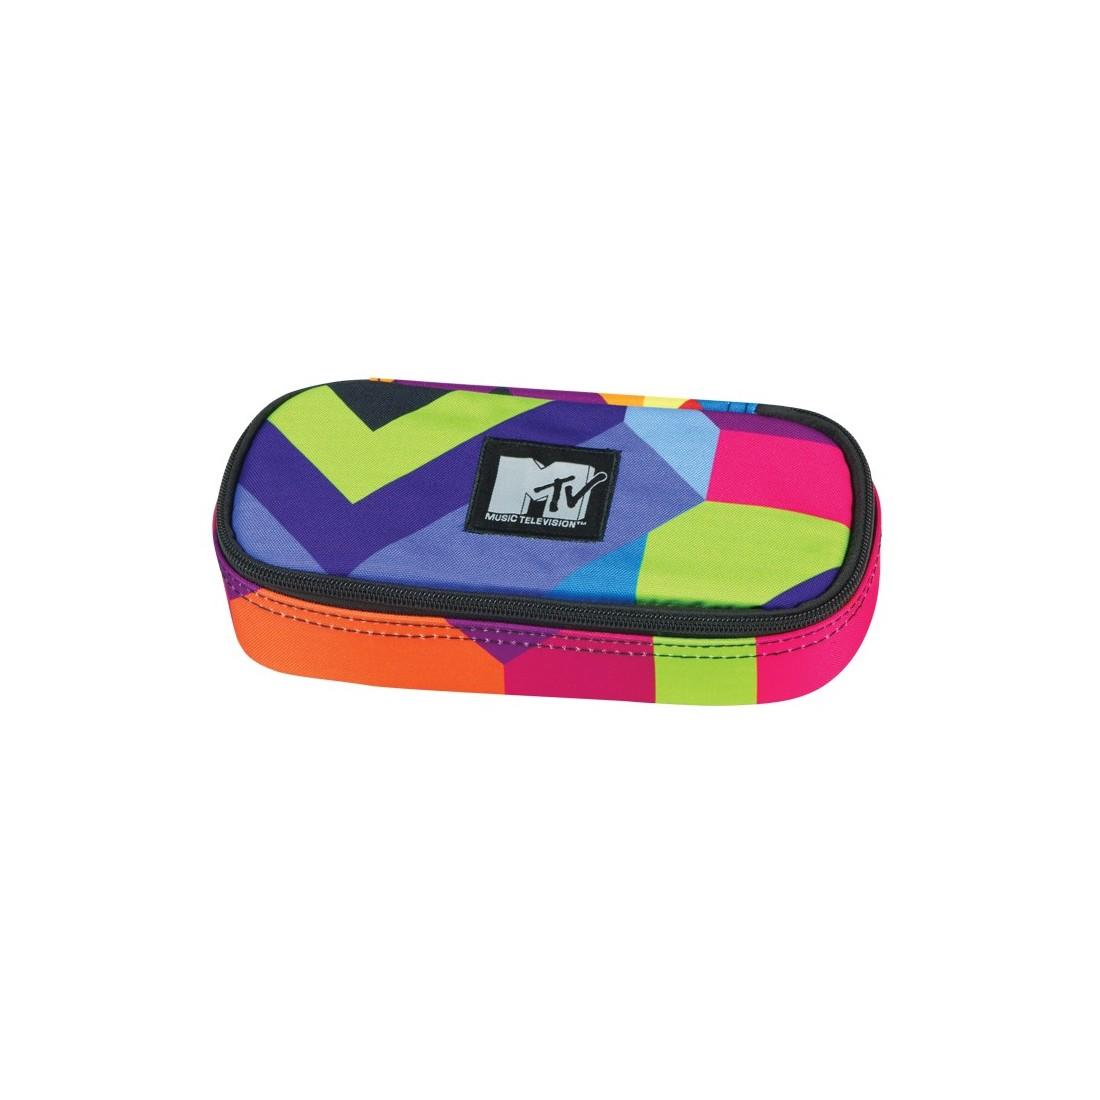 Piórnik Coolpack MTV Colors